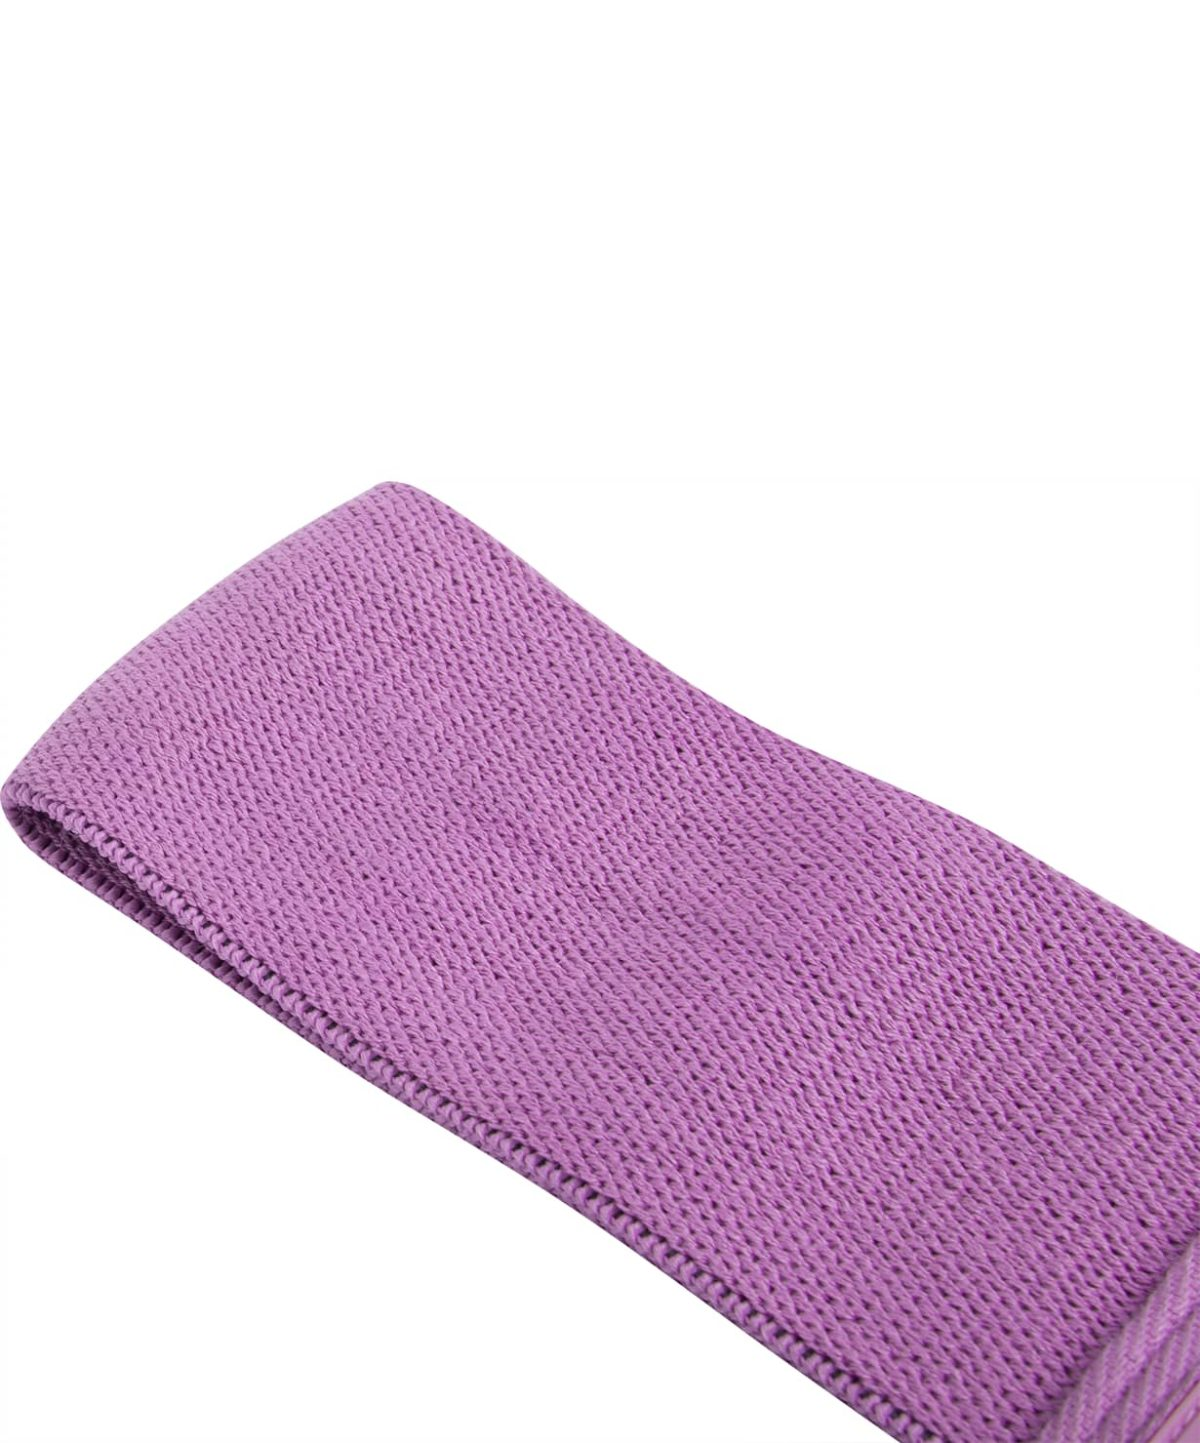 STARFIT Фитнес-резинка (эспандер) тканевый, низкая нагрузка  ES-204 - 3